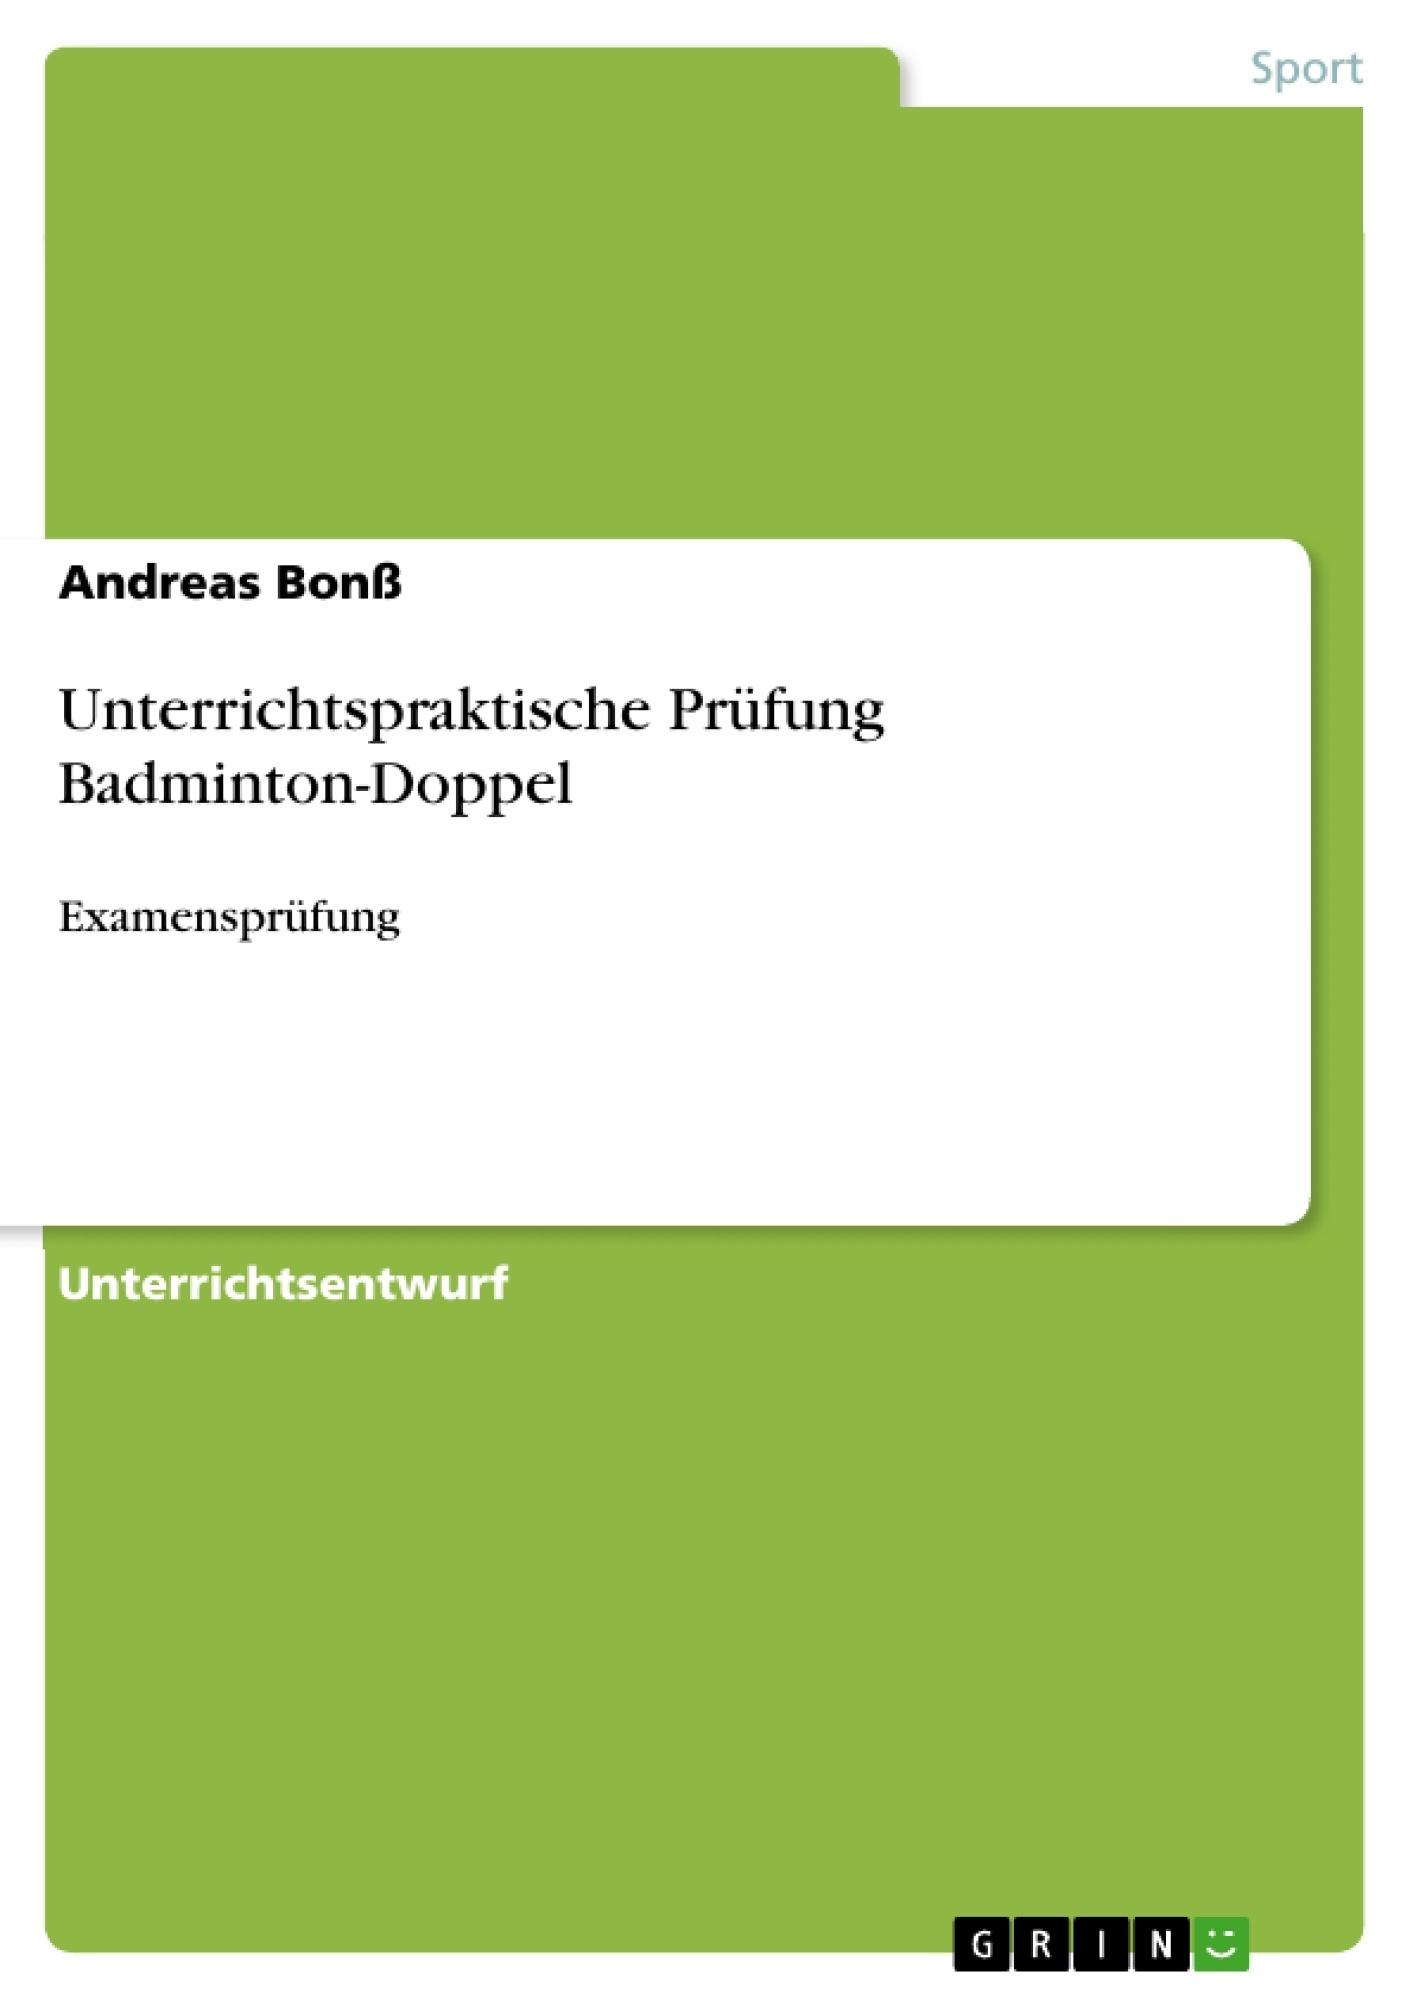 Titel: Unterrichtspraktische Prüfung Badminton-Doppel